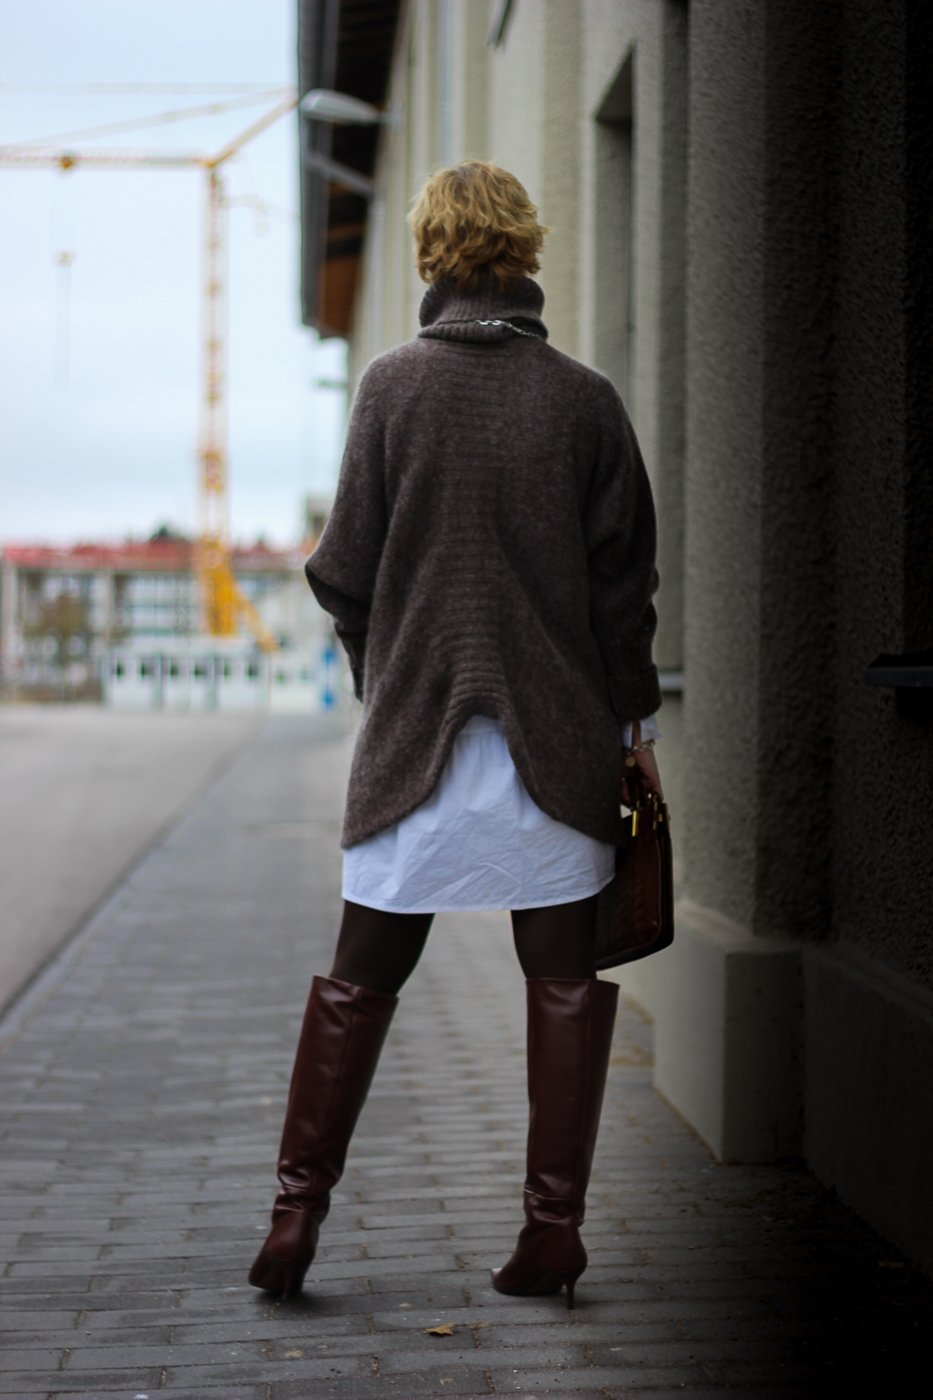 conny-doll-lifestyle: Sommerkleid im Winterlook stylen - und ein Mann im Hom(m)eoffice